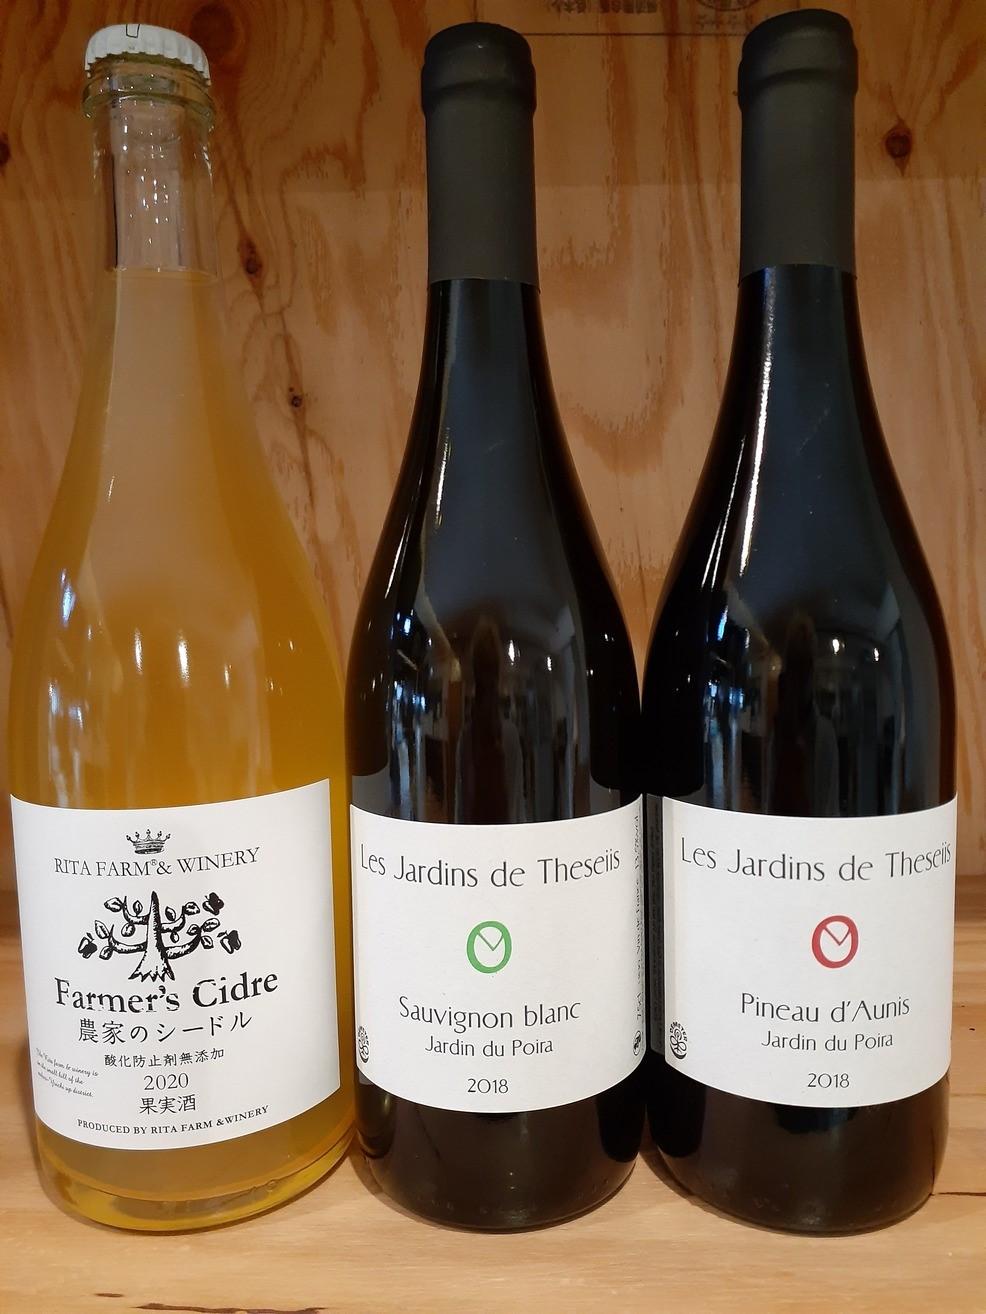 リタファームからシードル、フランス、ロワールからレ・ジャルダン・ド・テゼィのワイン2種が入荷しました!